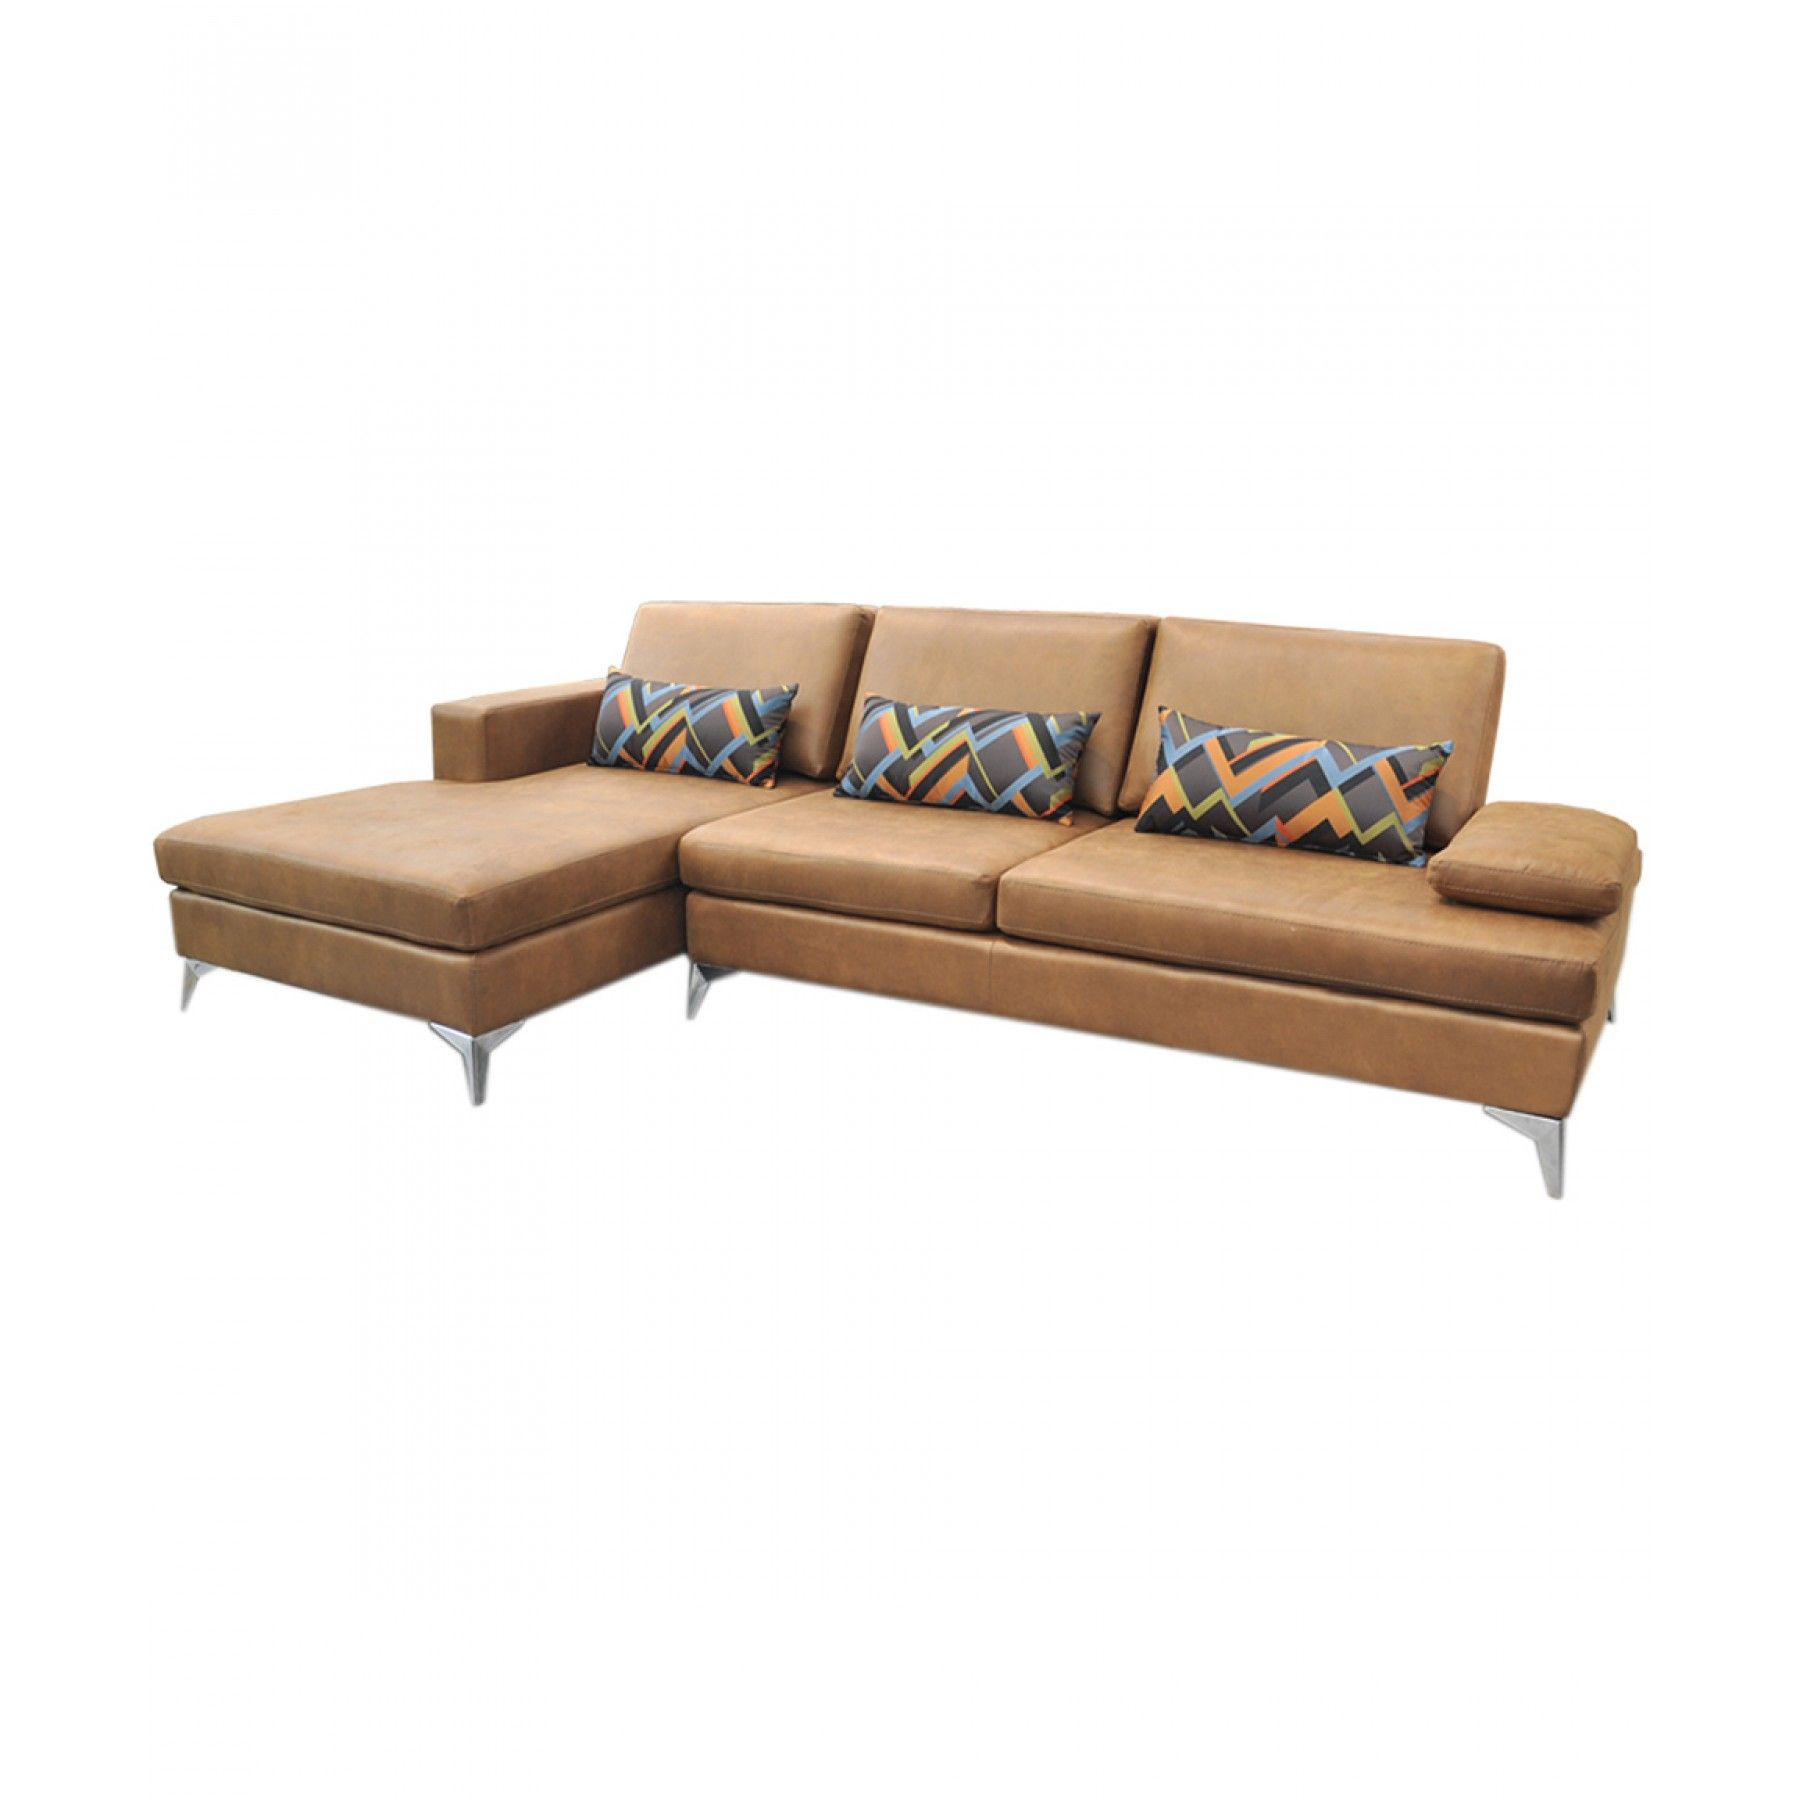 Muebles Liz Sala Modular Izquierda El Palacio De Hierro  # Muebles Dico Sofa Cama